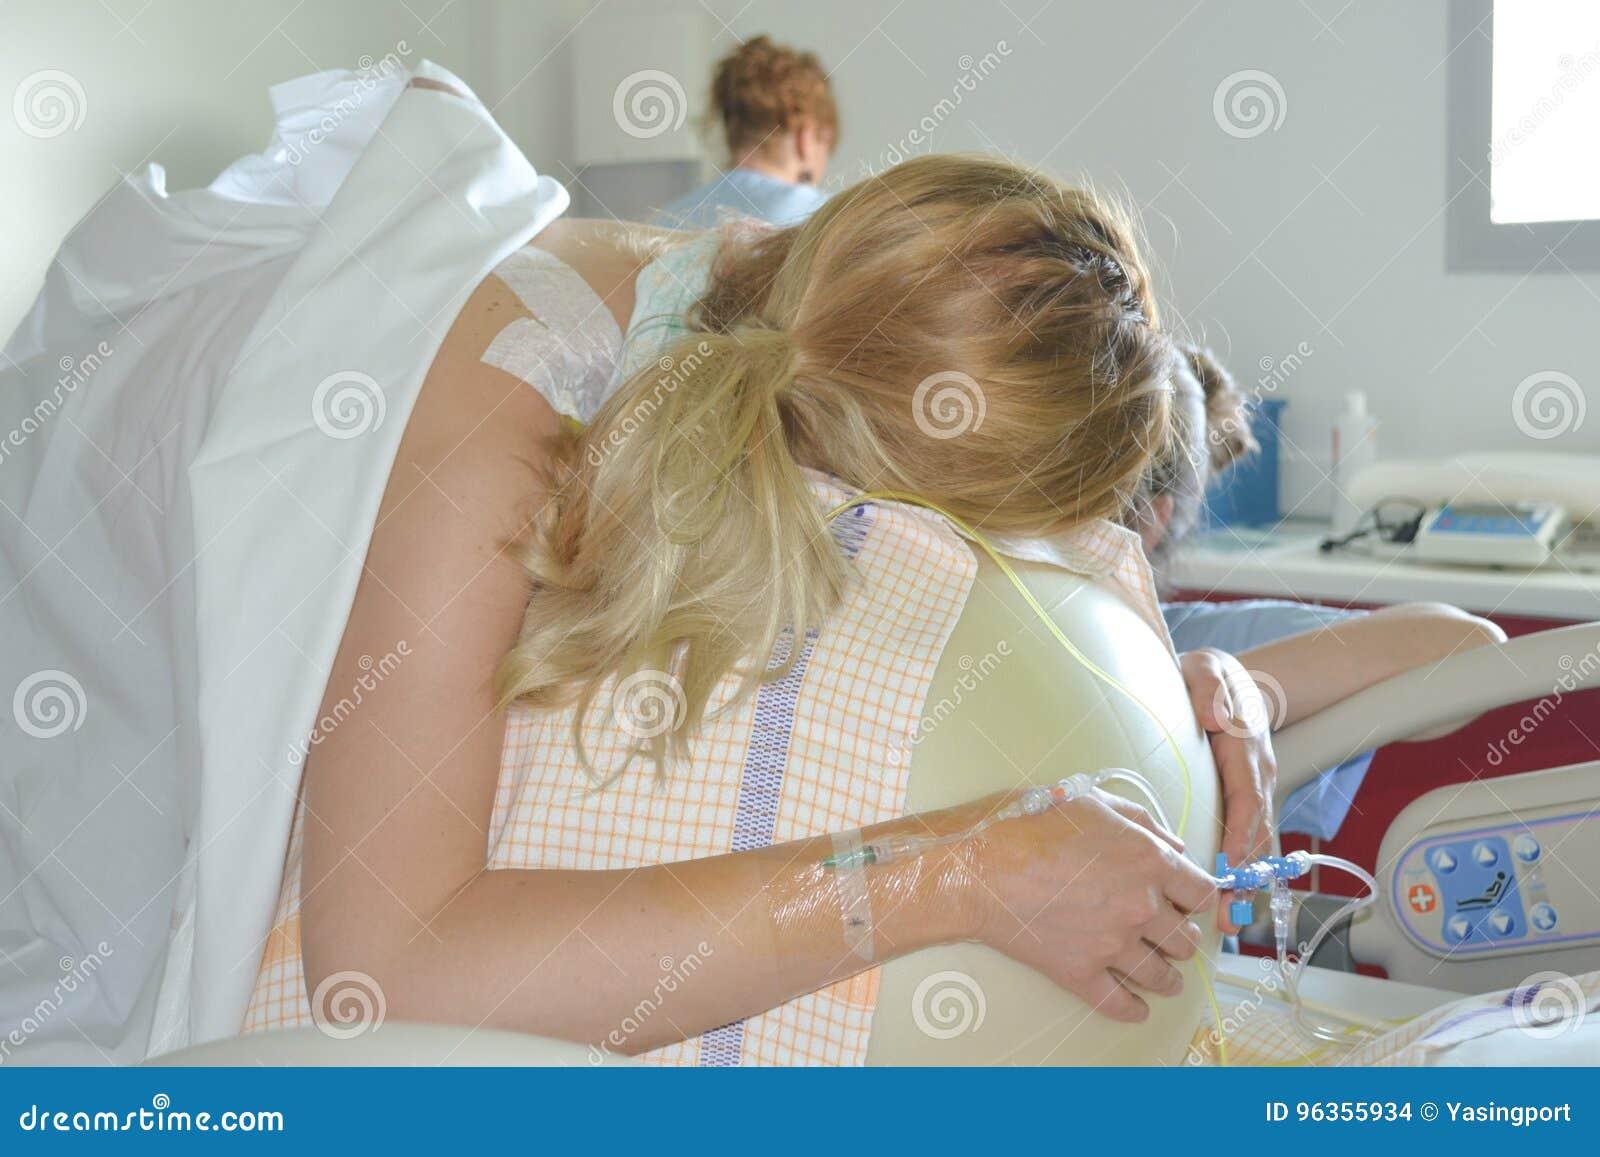 Γυναίκα κατά τη διάρκεια των συστολών σε έναν τοκετό σφαιρών ικανότητας